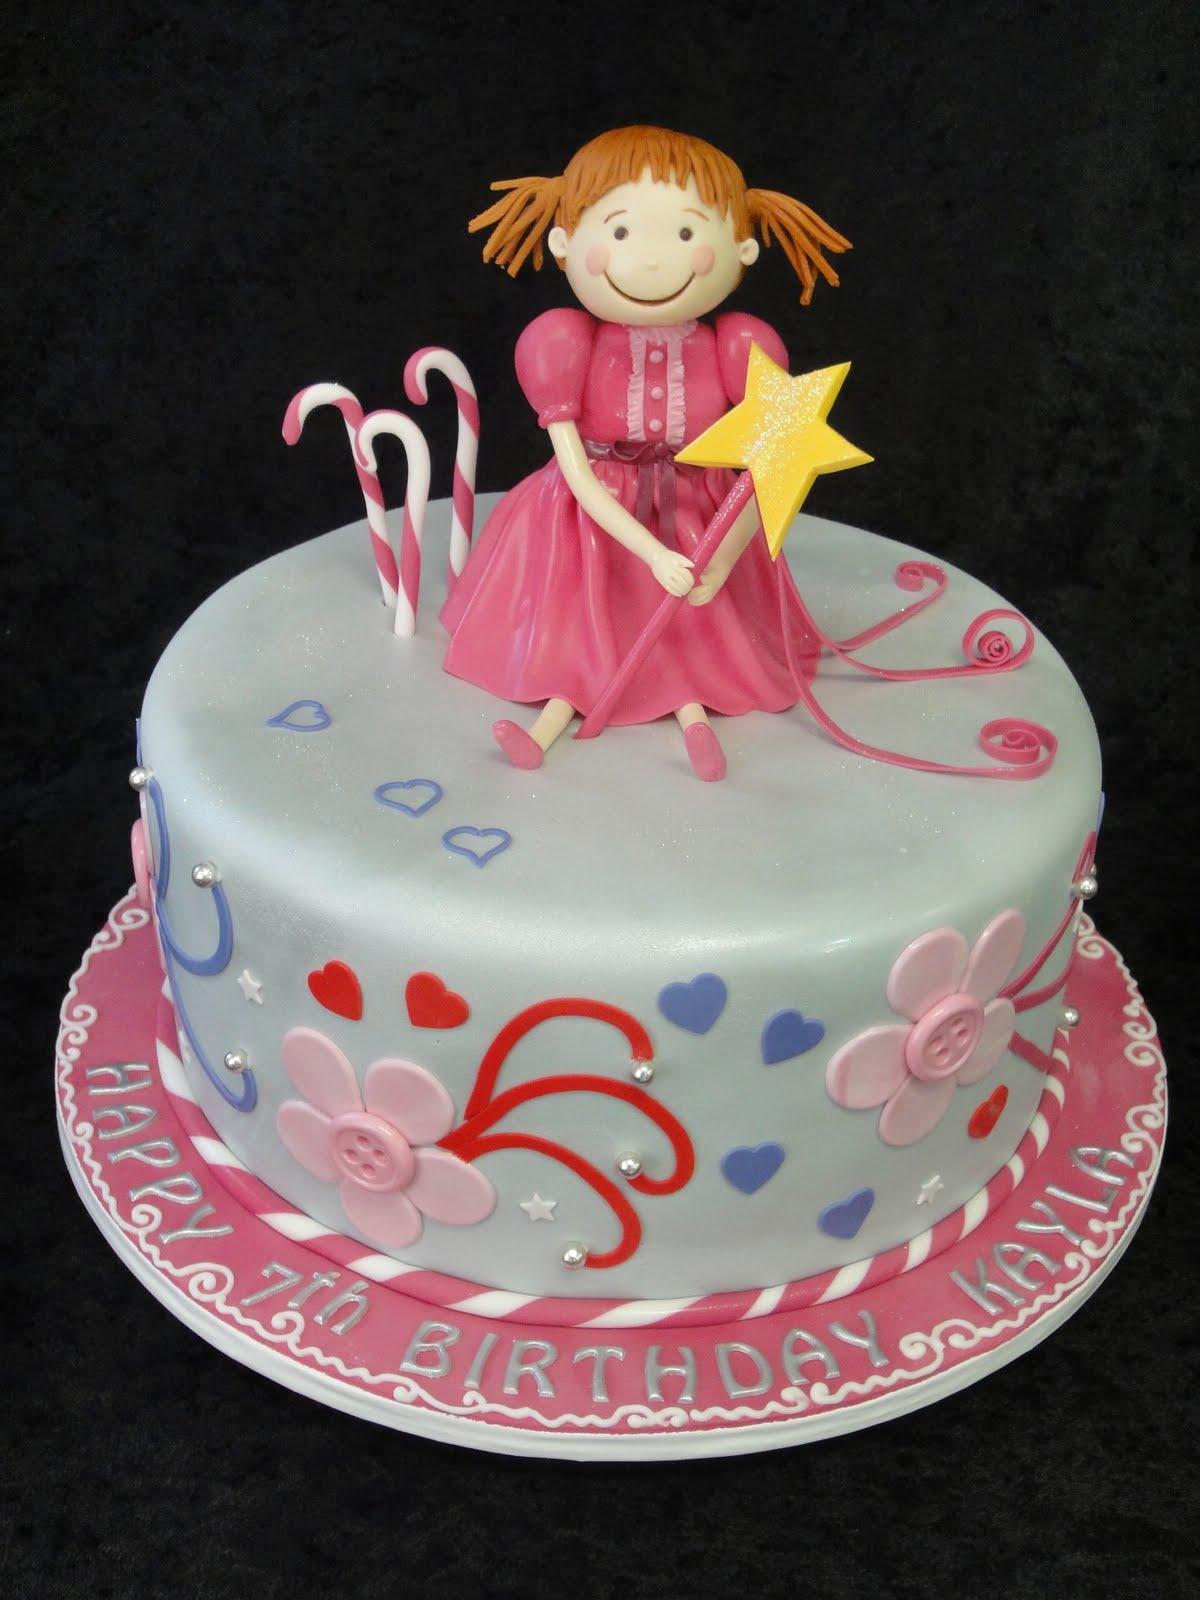 Cake Blog Because Every Cake Has A Story Fun Birthday Cakes